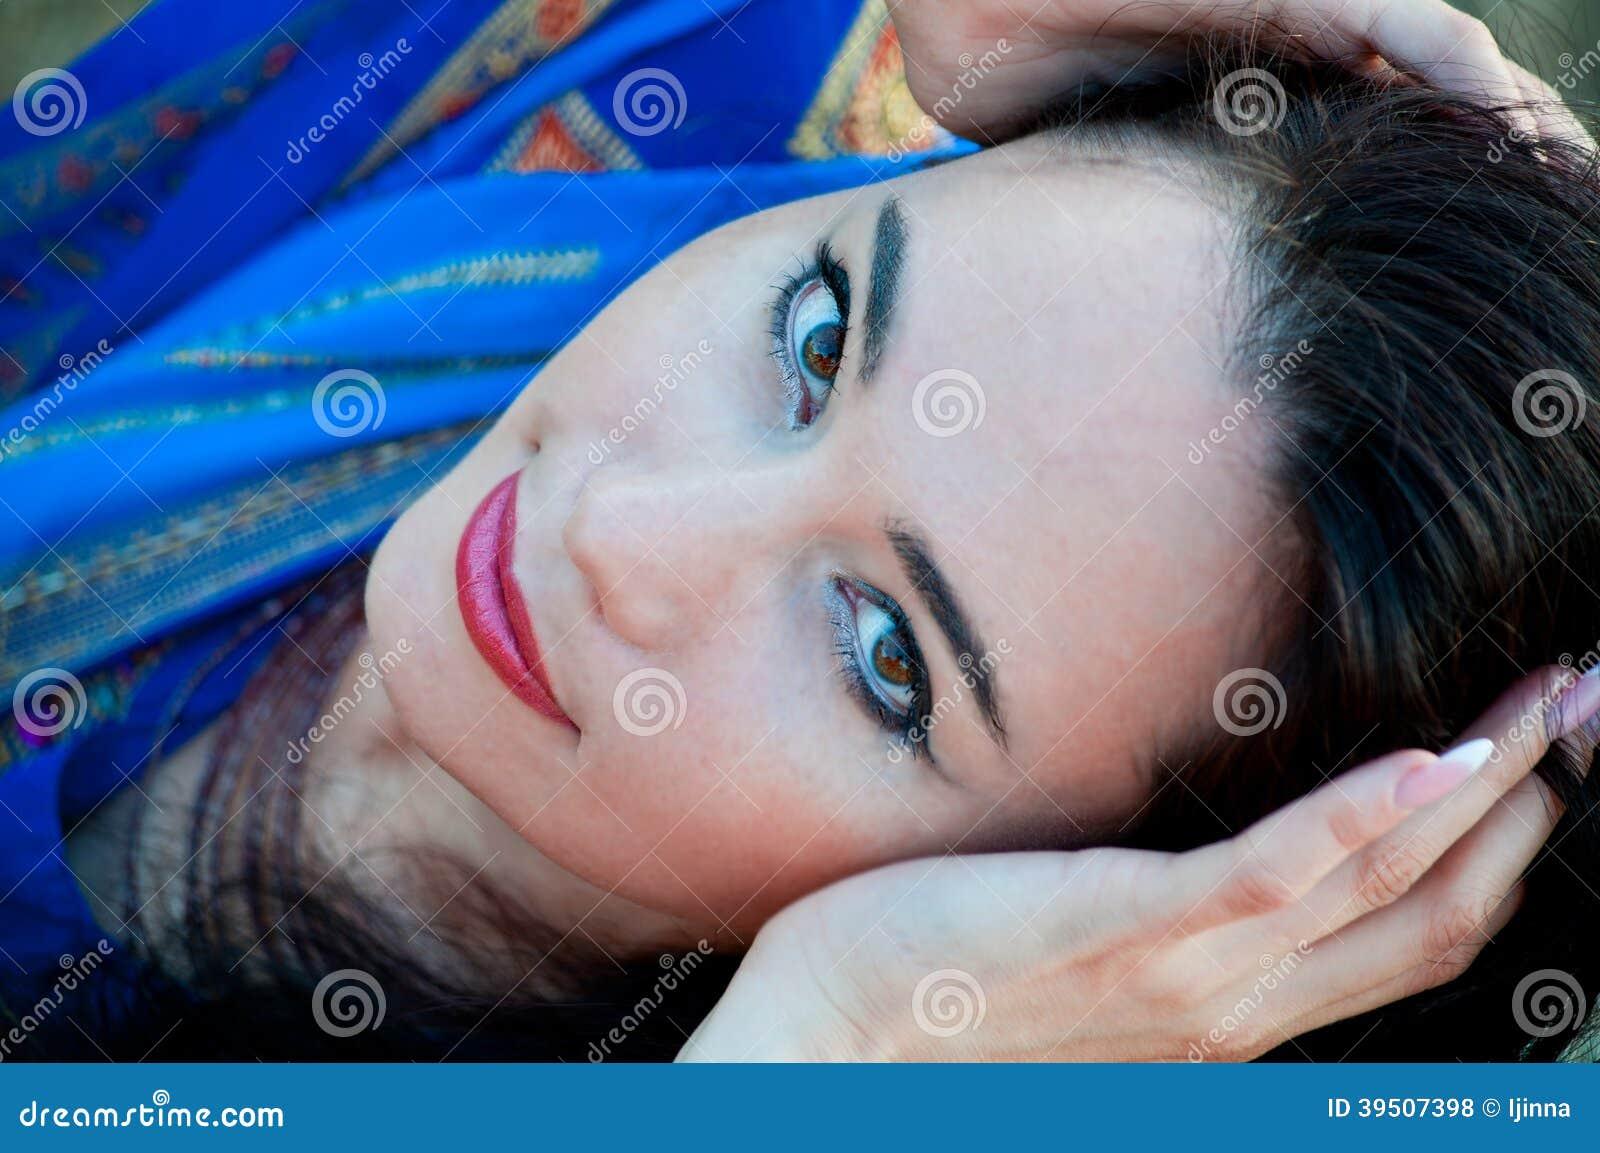 Beautiful slim lady, professional bellydancer